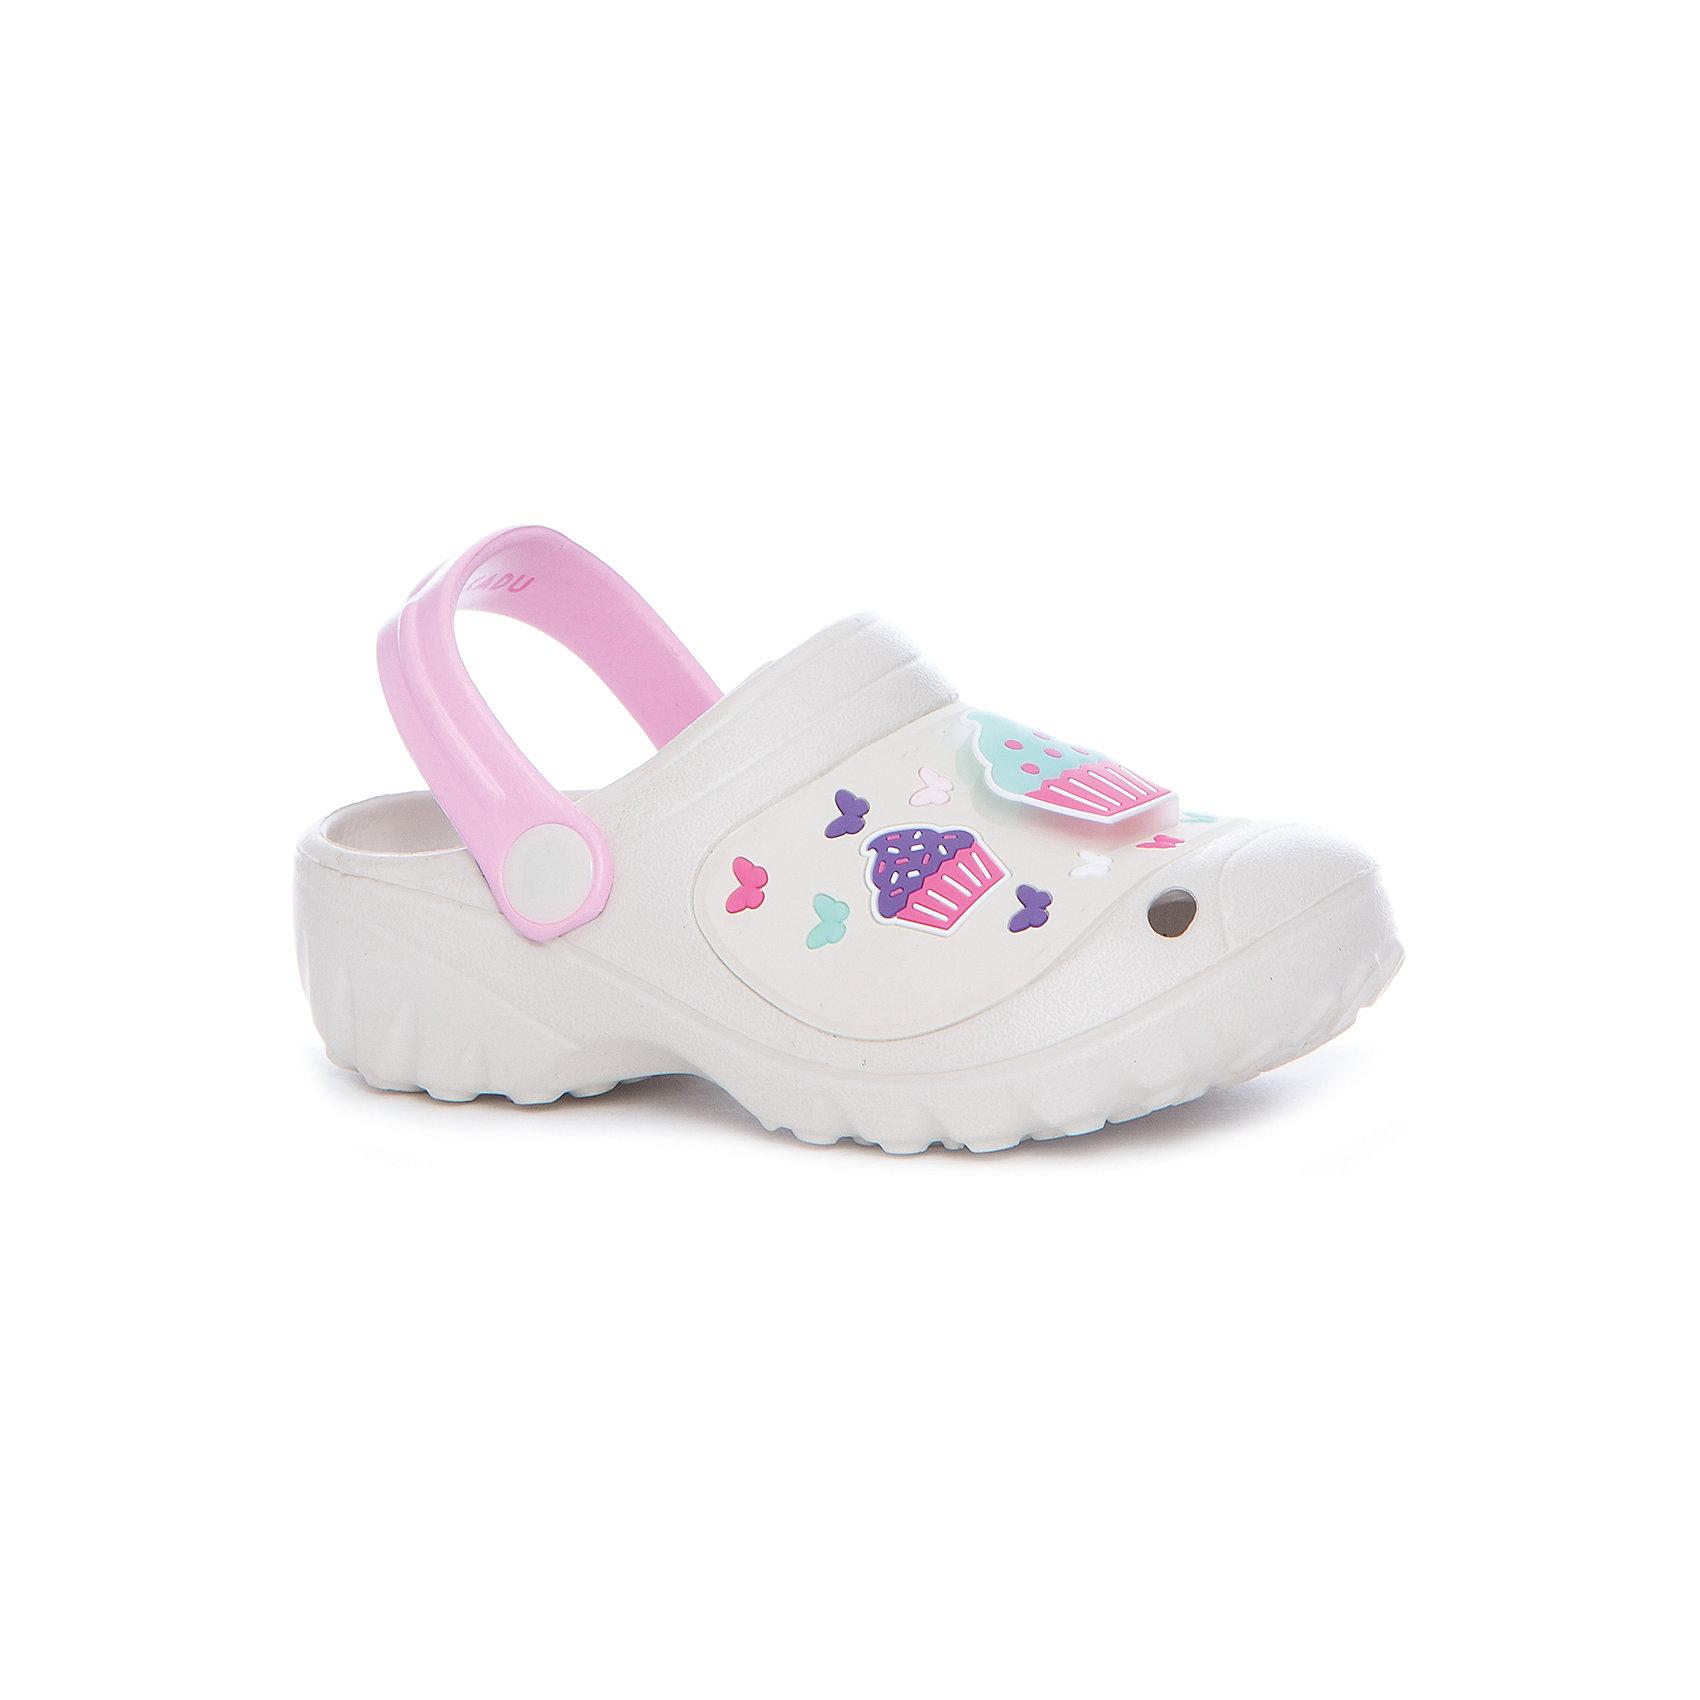 Сабо для девочки KAKADUПляжная обувь<br>Характеристики:<br><br>• цвет: белый<br>• внешний материал: ПВХ, ЭВА<br>• внутренний материал: ПВХ, ЭВА<br>• стелька: без стельки<br>• Подошва: ПВХ, ЭВА<br>• высота подошвы: 1,5 см<br>• шлёпанцы со светодиодами в декортивных элементах<br>• назначение обуви: для пляжа<br>• сезон: лето<br>• тип подошвы: рифлёная<br>• уход: удаление загрязнений мягкой щеткой<br><br>Туфли для девочки KAKADU от Сrossway – это обувь, которая характеризуется высокими качественными и потребительскими характеристиками: прочная, удобная и при этом модная, и яркая! Туфли предназначены для пляжа или для бассейна. Они выполнены с учетом анатомических особенностей детской стопы. <br><br>Верх изделия – из сочетания экологически безопасных и гипоаллергенных материалов – этиленвинилацетата и поливинилхлорида. Подошва выполнена из этиленвинилацетата, который обладает высокими амортизирующими и противоскользящими свойствами. <br><br>Шлепки имеют классическую форму, сзади для пяточек предусмотрены широкие ремешки, которые обеспечивают фиксацию на ножках. Обуви выполнена в ярком дизайне: декоративные элементы в виде кексов и бабочек дополнены мигающим светодиодным элементом. <br><br>Шлёпанцы для мальчика KAKADU можно купить в нашем интернет-магазине.<br><br>Ширина мм: 227<br>Глубина мм: 145<br>Высота мм: 124<br>Вес г: 325<br>Цвет: серый<br>Возраст от месяцев: 84<br>Возраст до месяцев: 96<br>Пол: Женский<br>Возраст: Детский<br>Размер: 31,27,28,29,30<br>SKU: 5386488